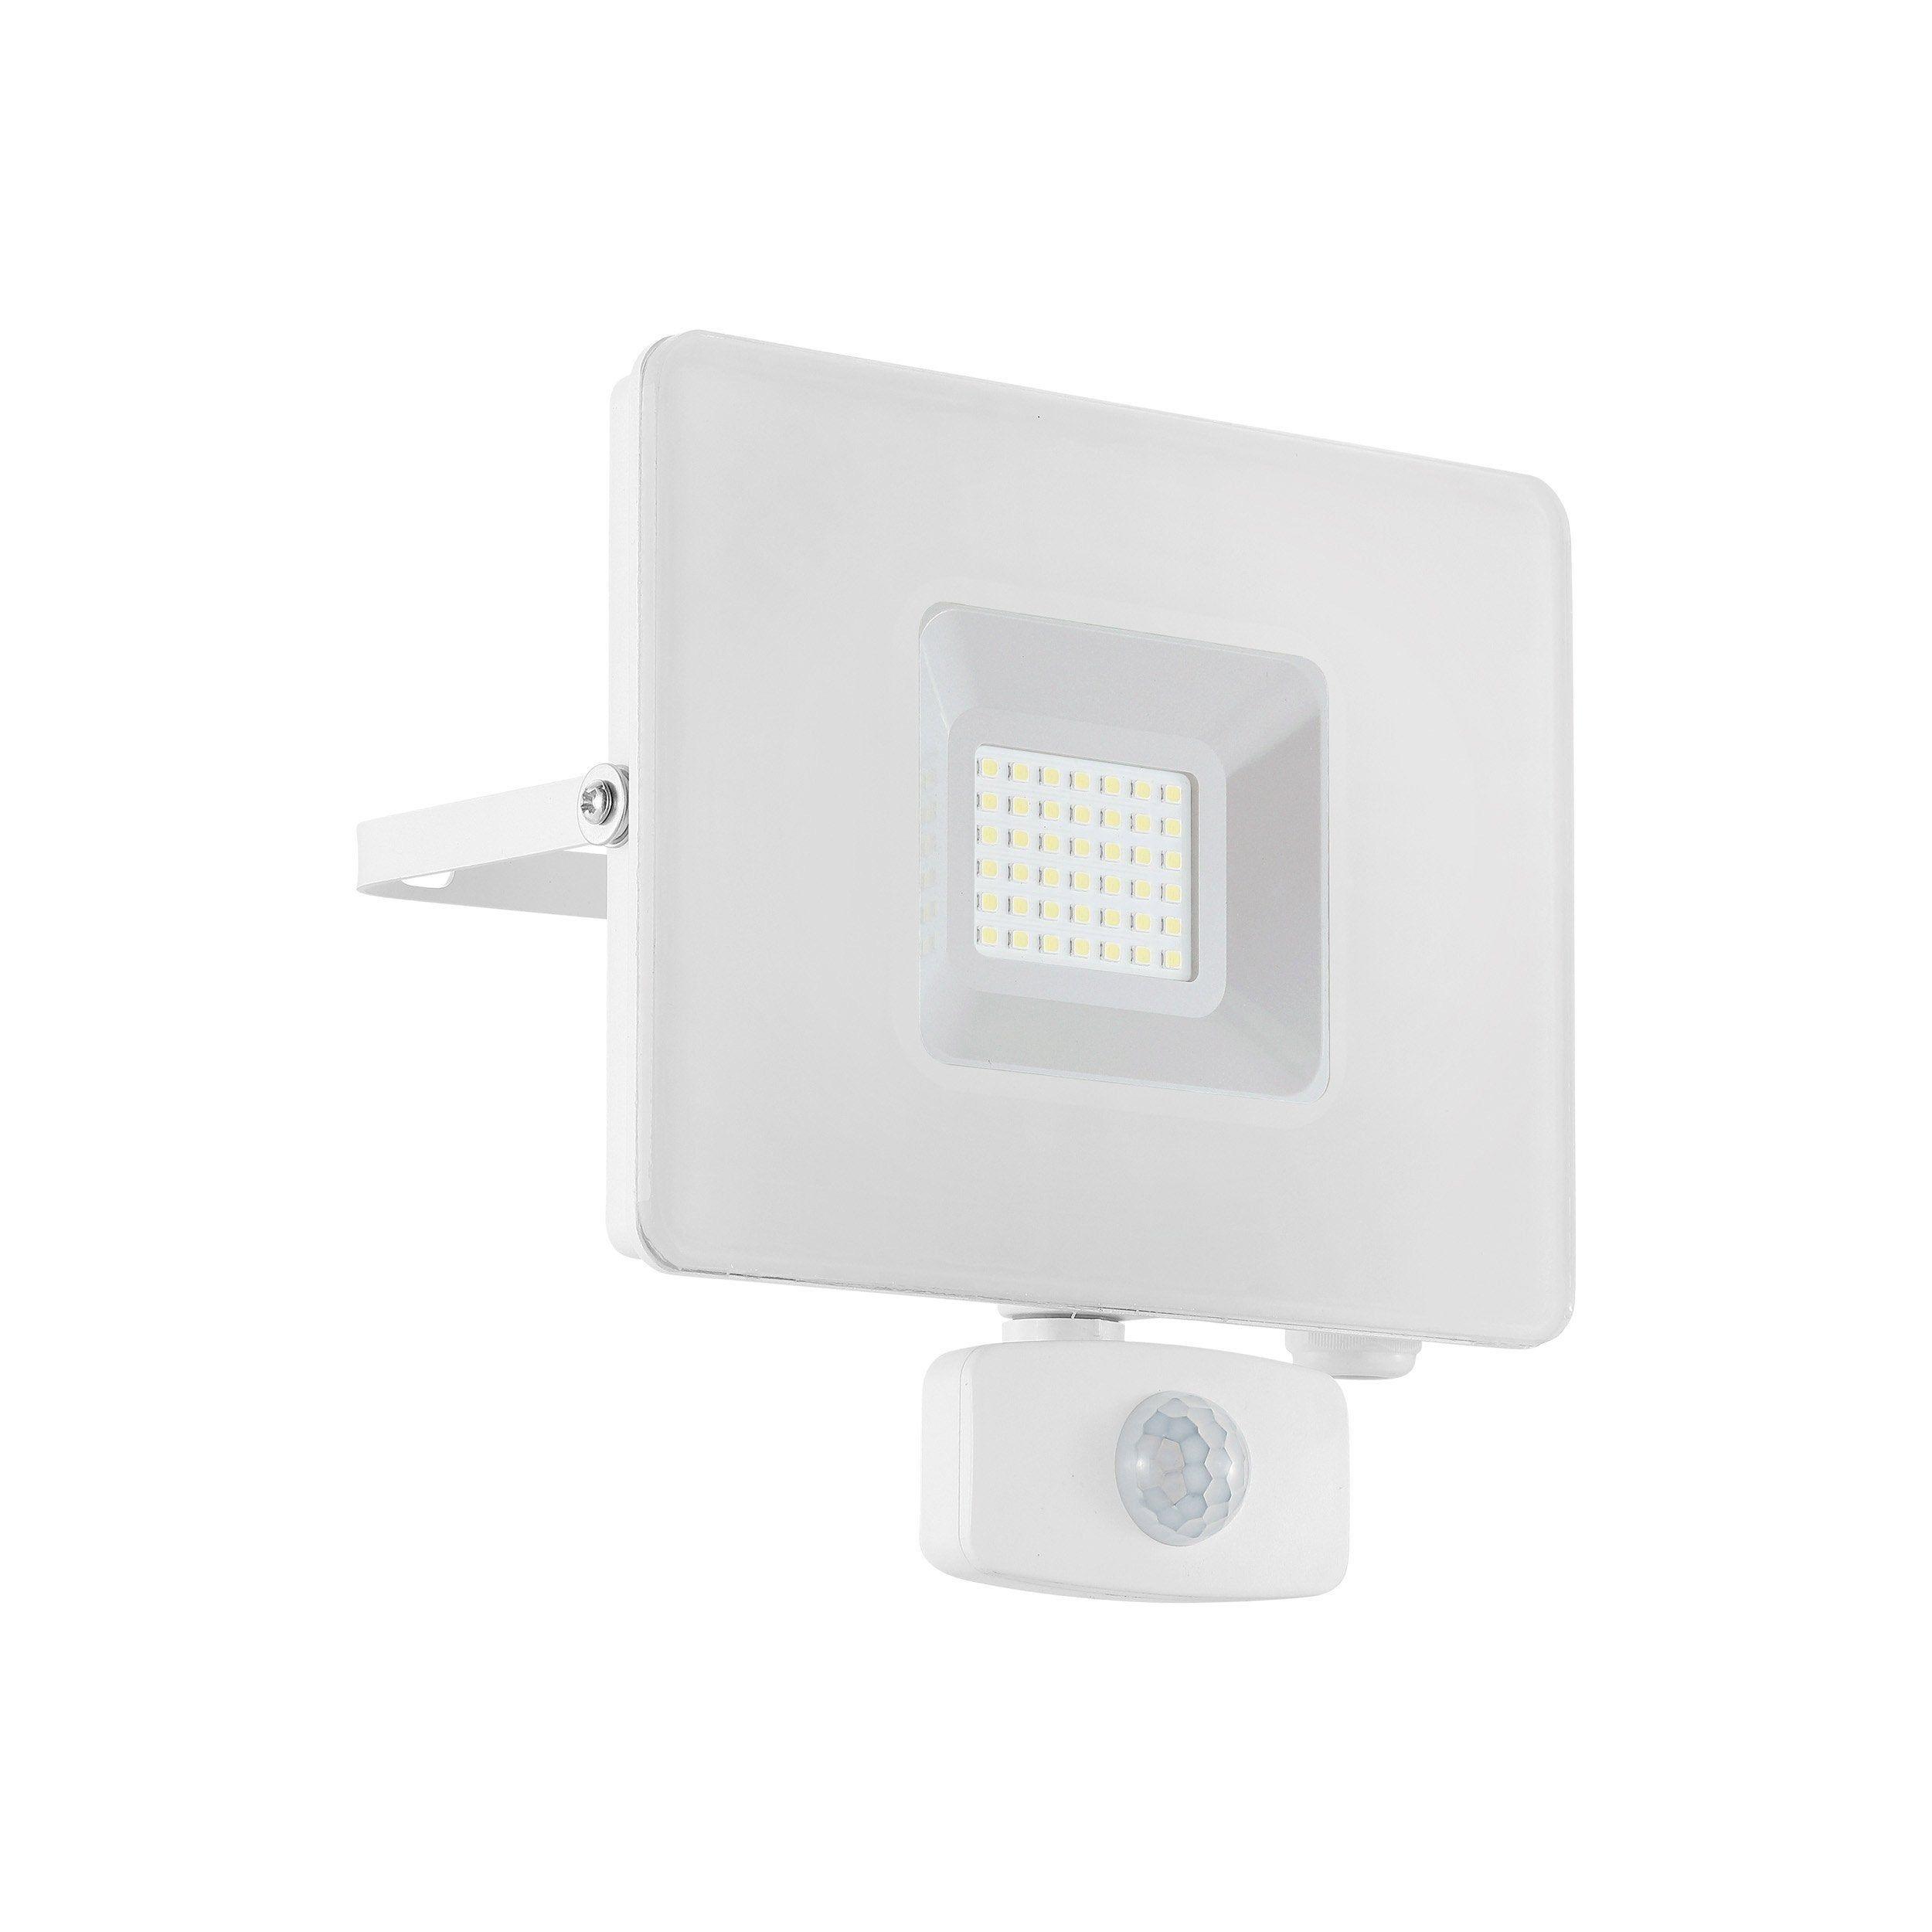 Projecteur A Fixer A Detection Exterieure Led Integree 2800 Lm Blanc Eglo En 2020 Projecteur Led Blanc